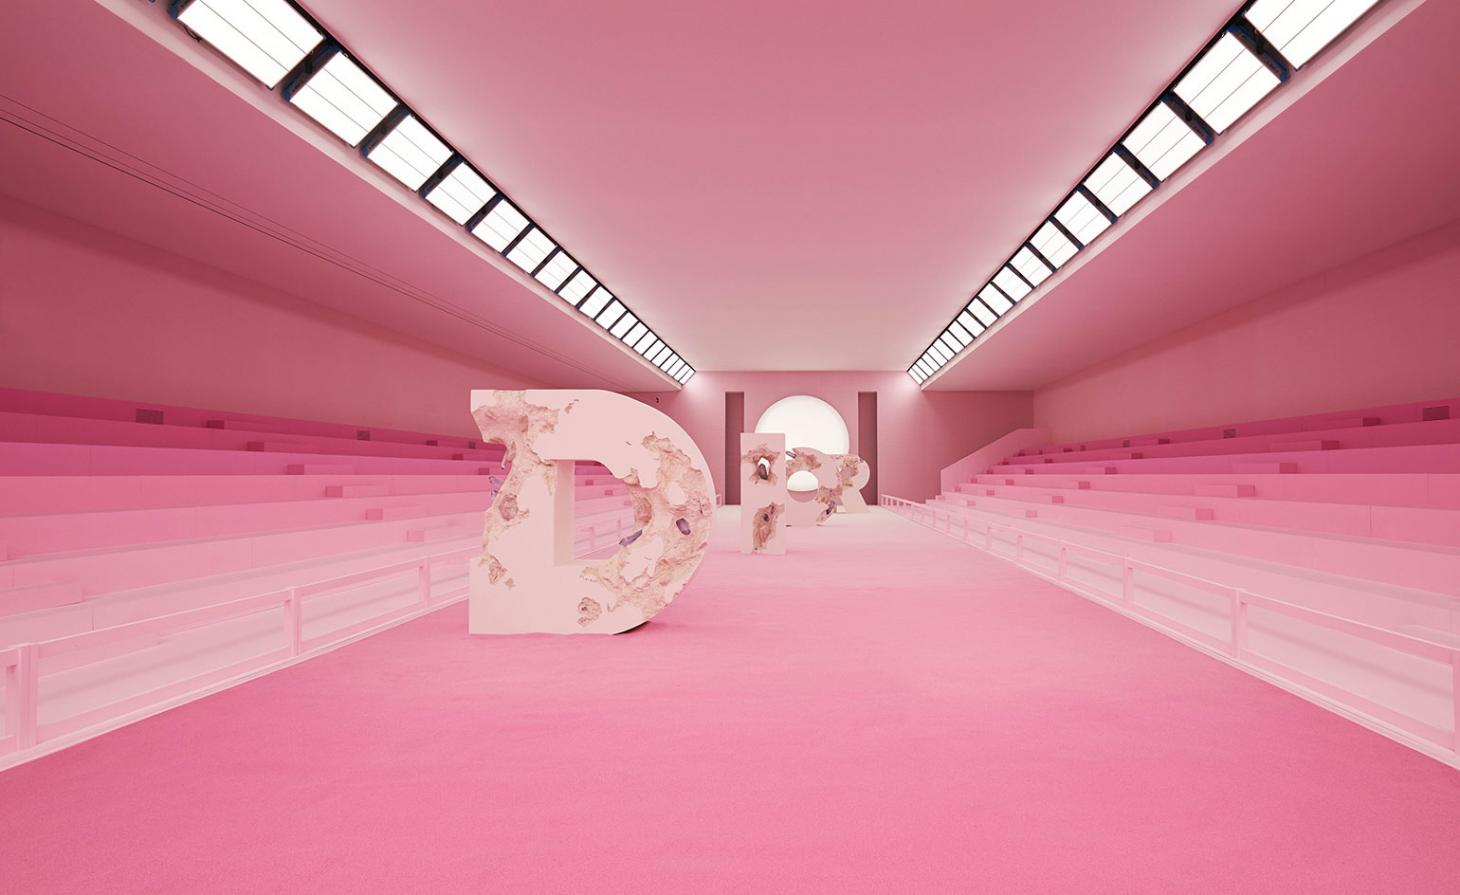 Kim Jones convidou o artista americano Daniel Arsham para criar as esculturas de letras de cimento calcificado para o desfile masculino da Dior, que aconteceu no Institut du Monde Arabe / Reprodução Adrien Dirand